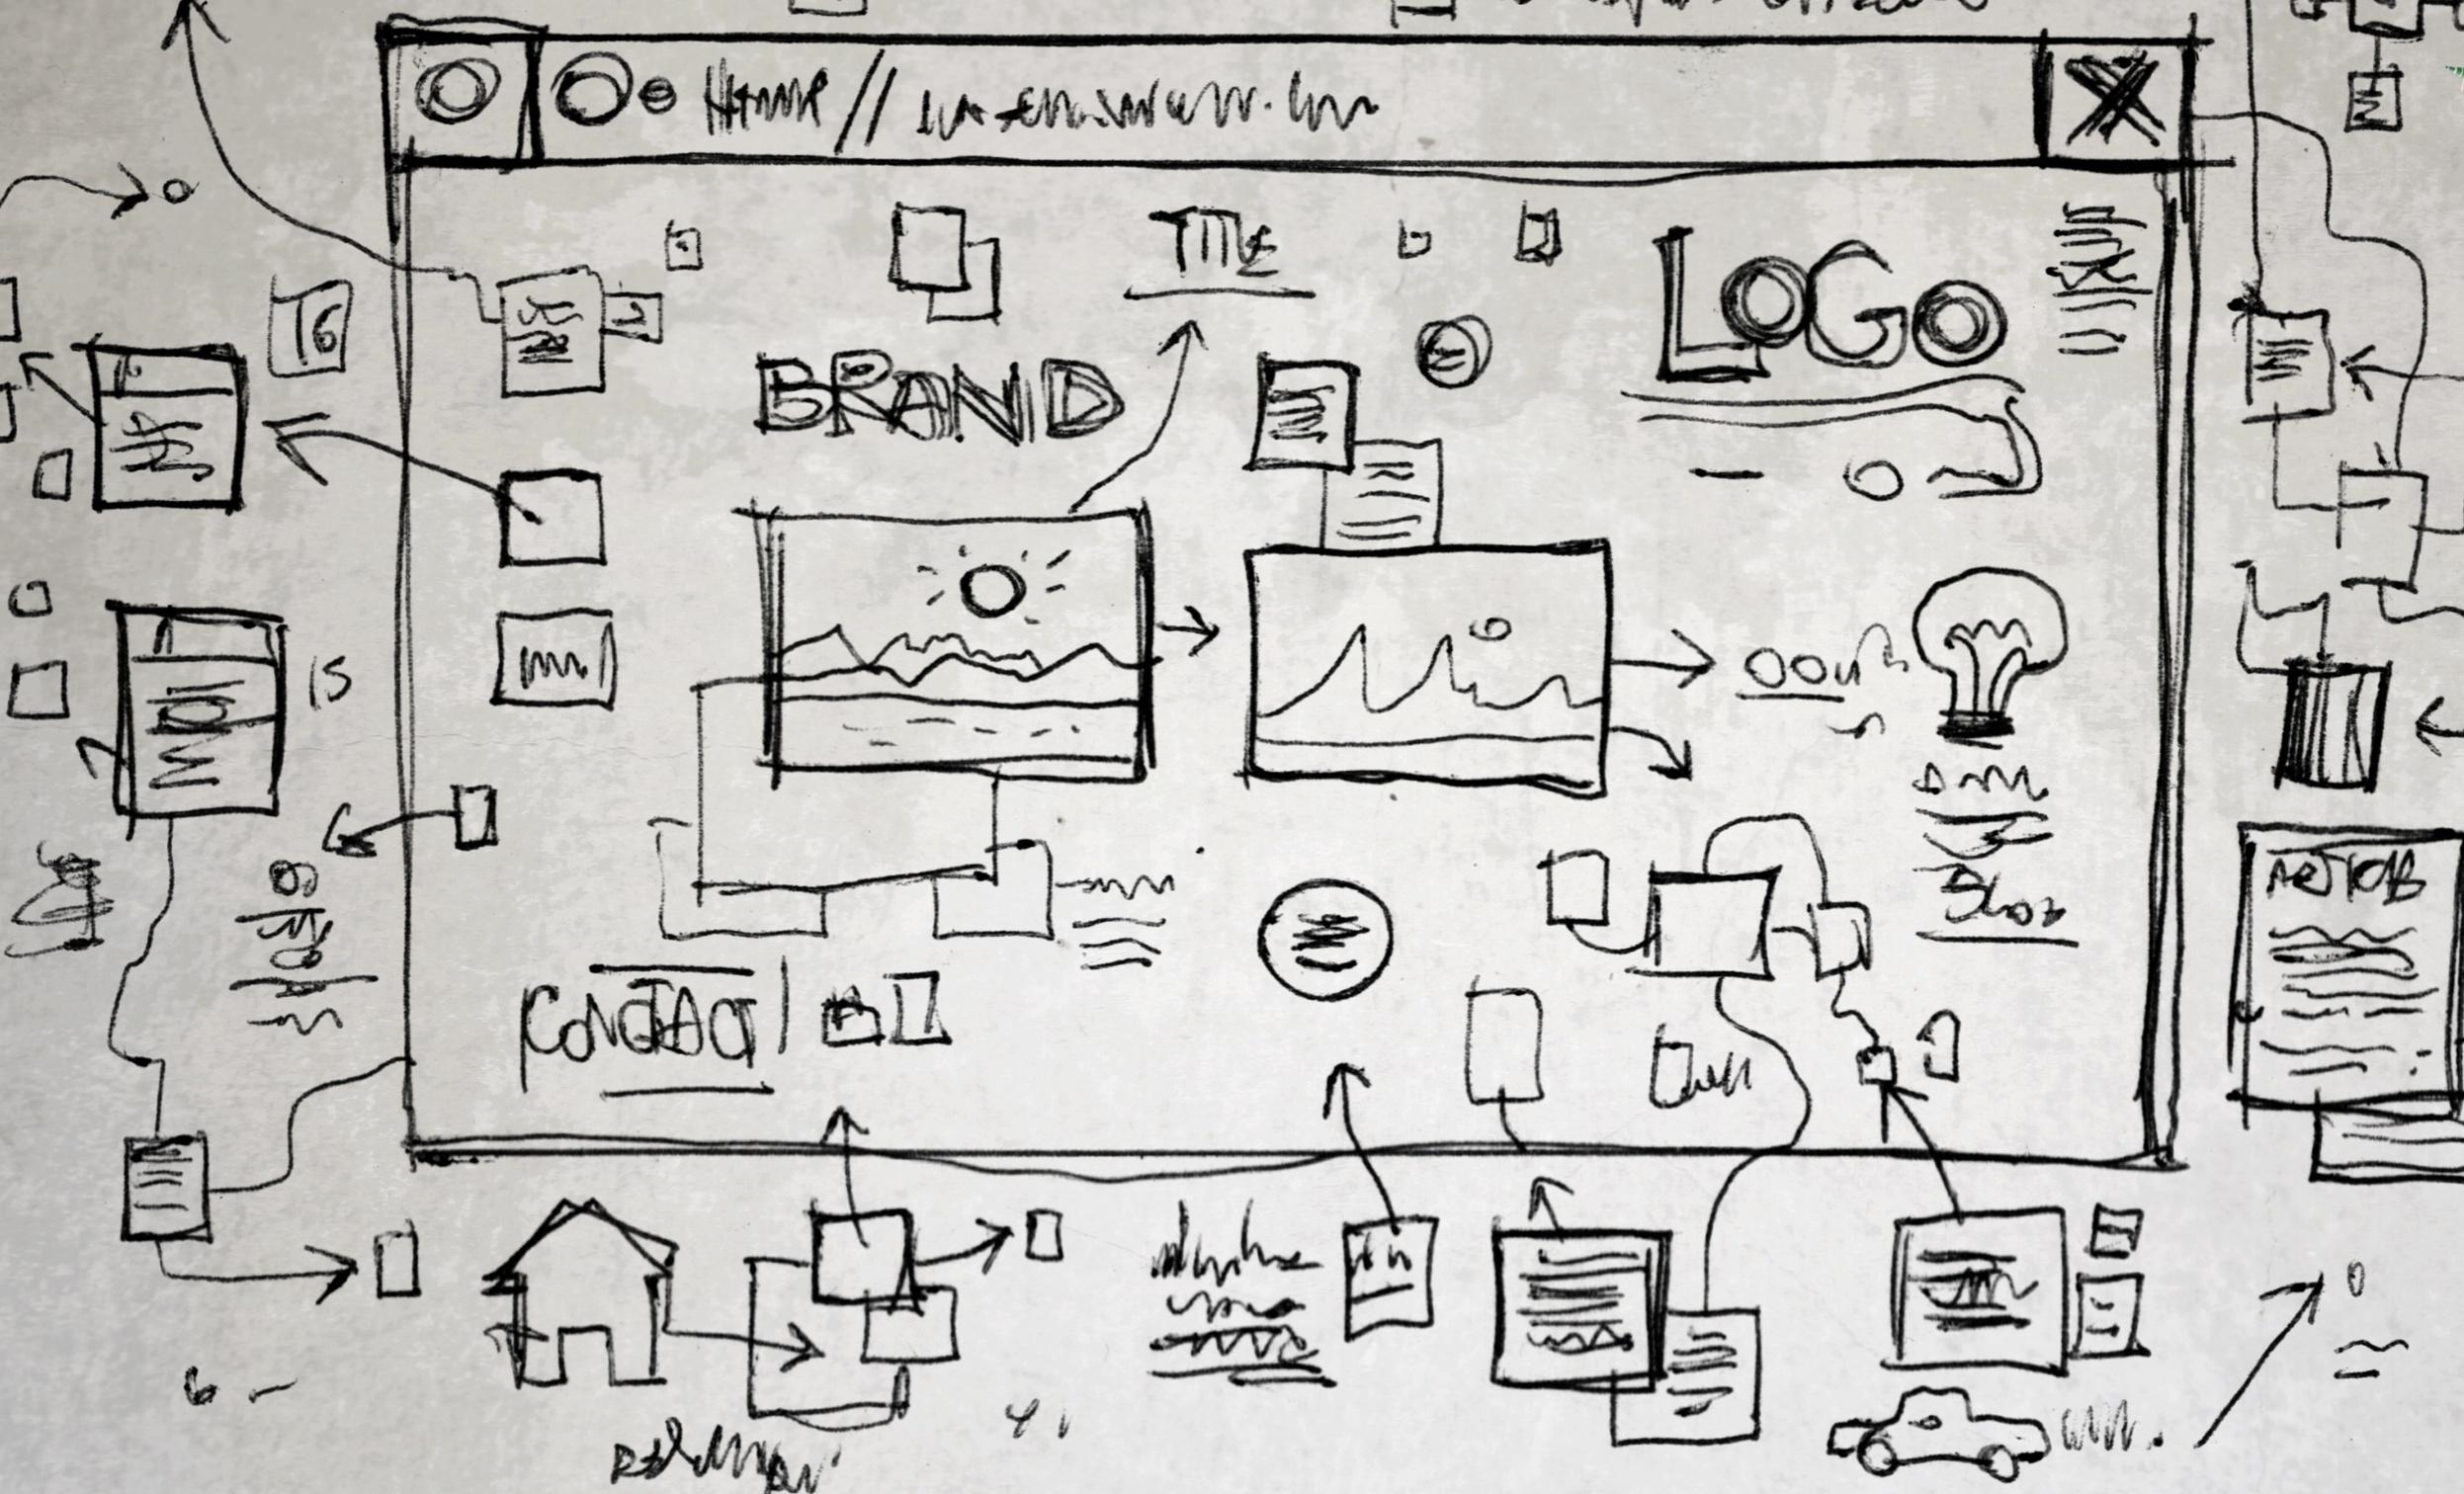 Las 4 páginas más importantes de tu sitio web (y cómo optimizarlas)